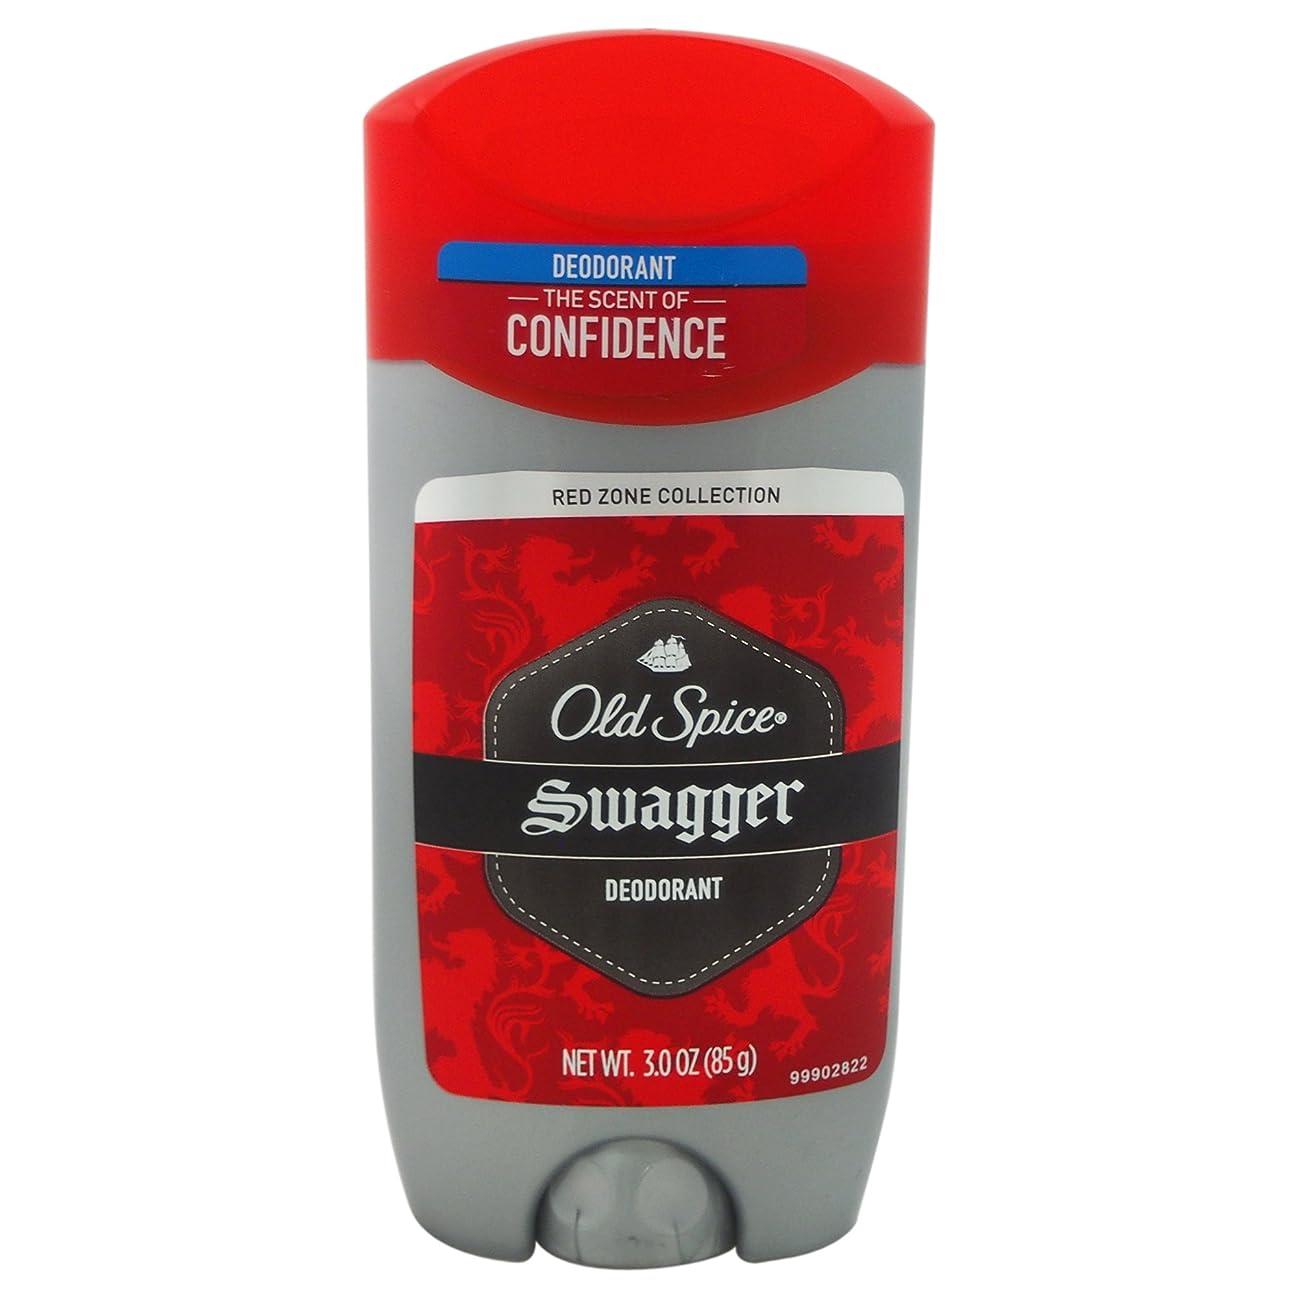 バーマド可塑性暗くするオールドスパイス(Old Spice) RED ZONE COLLECTION スワッガー デオドラント 85g[並行輸入品]